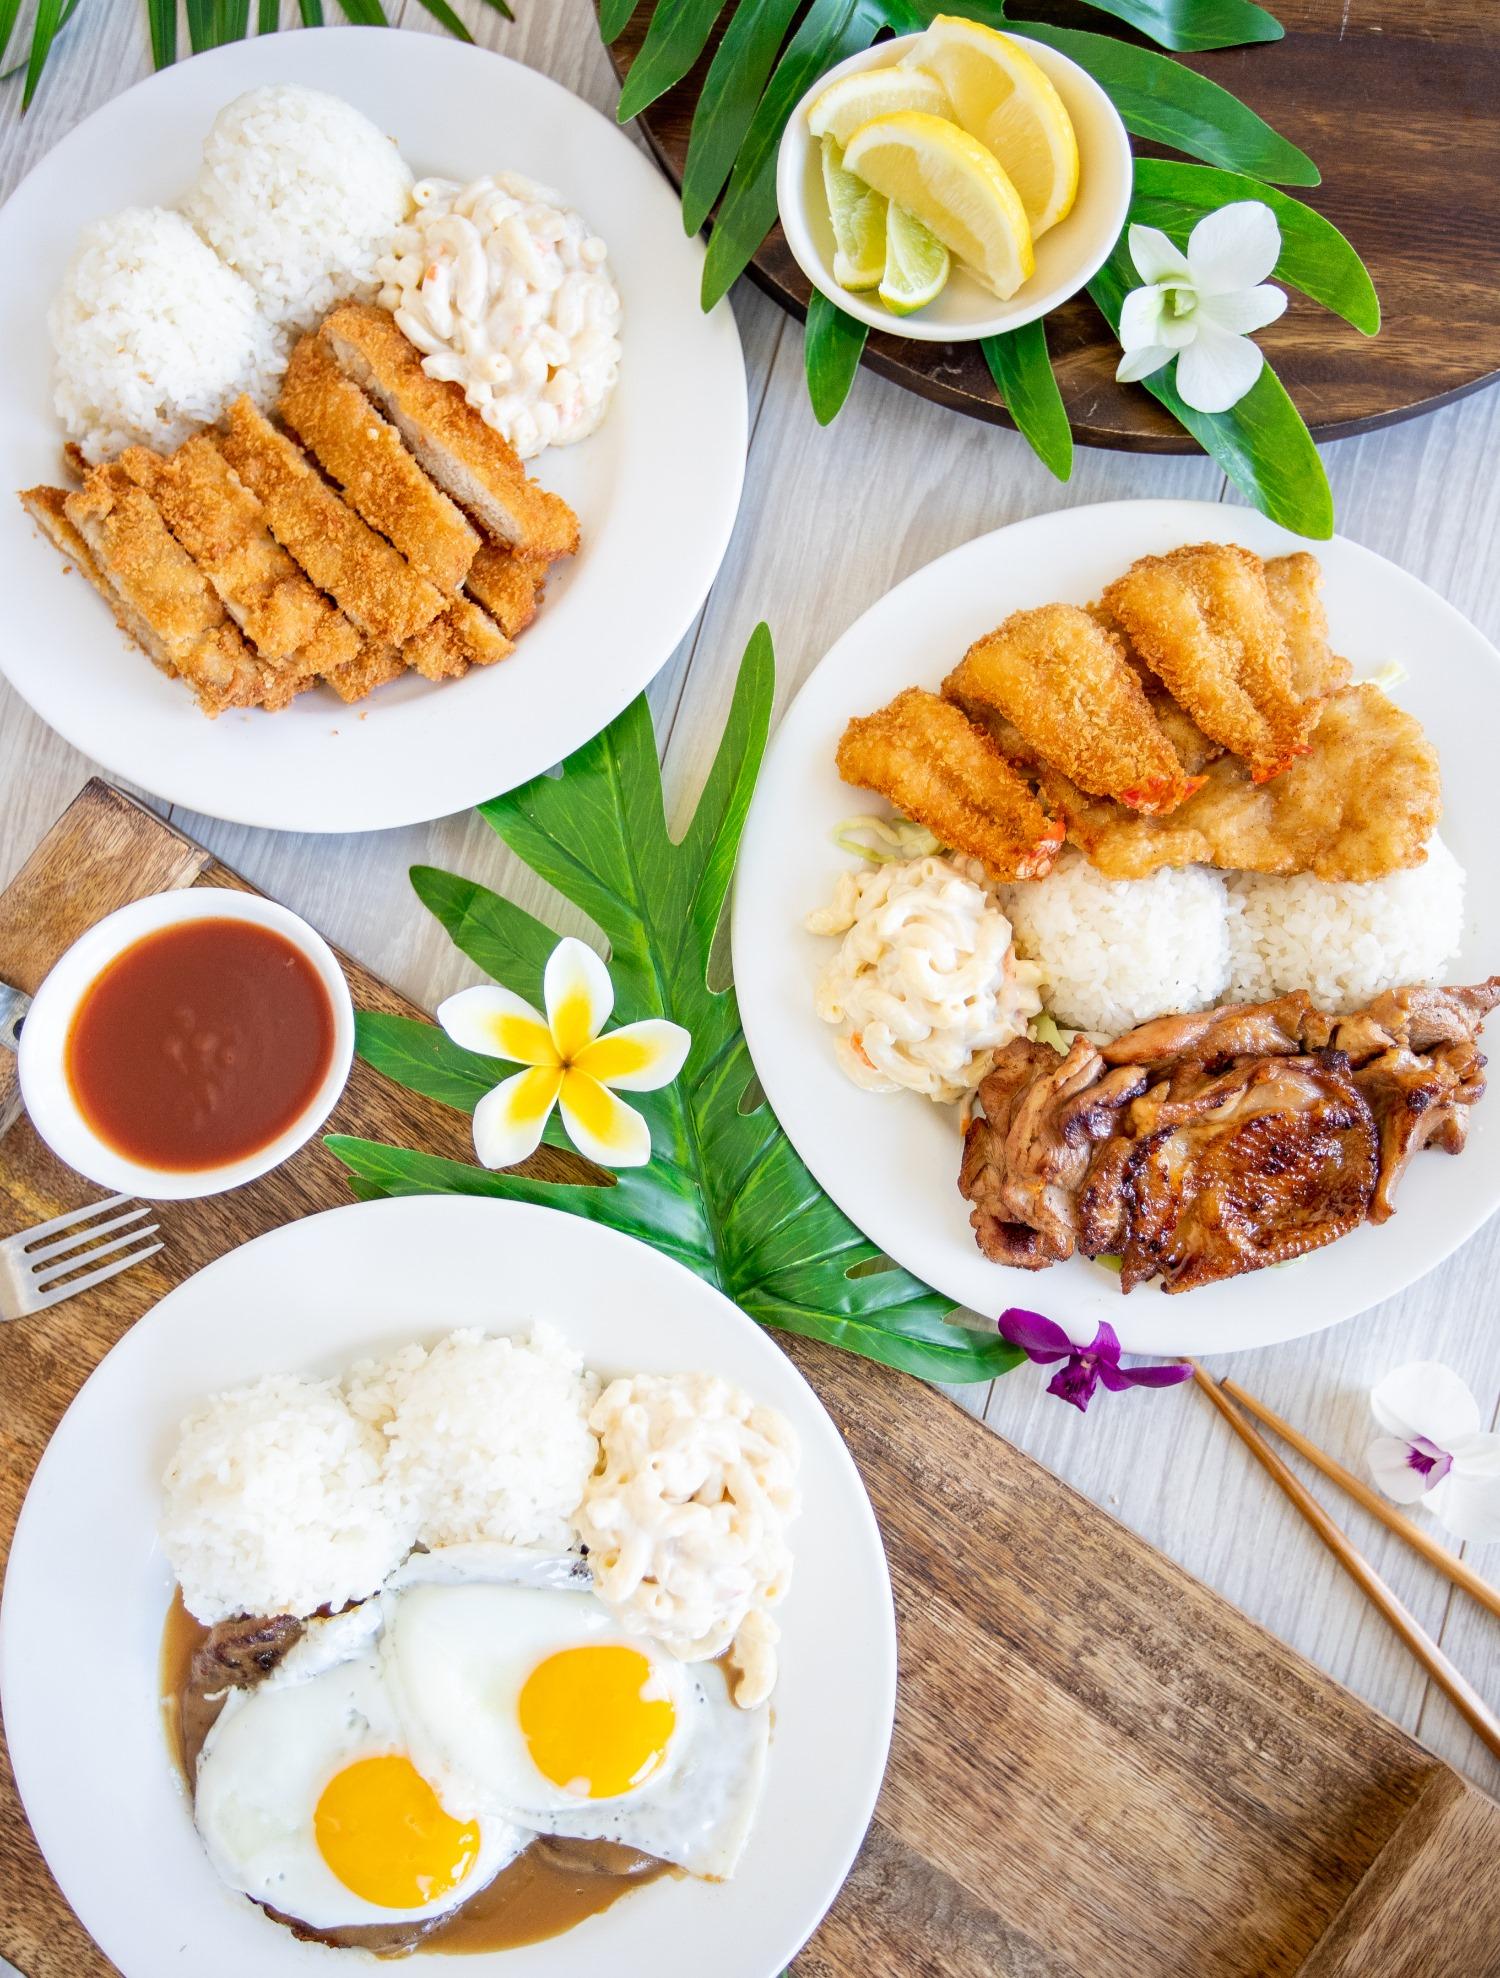 Have a Hawaiian Feast!